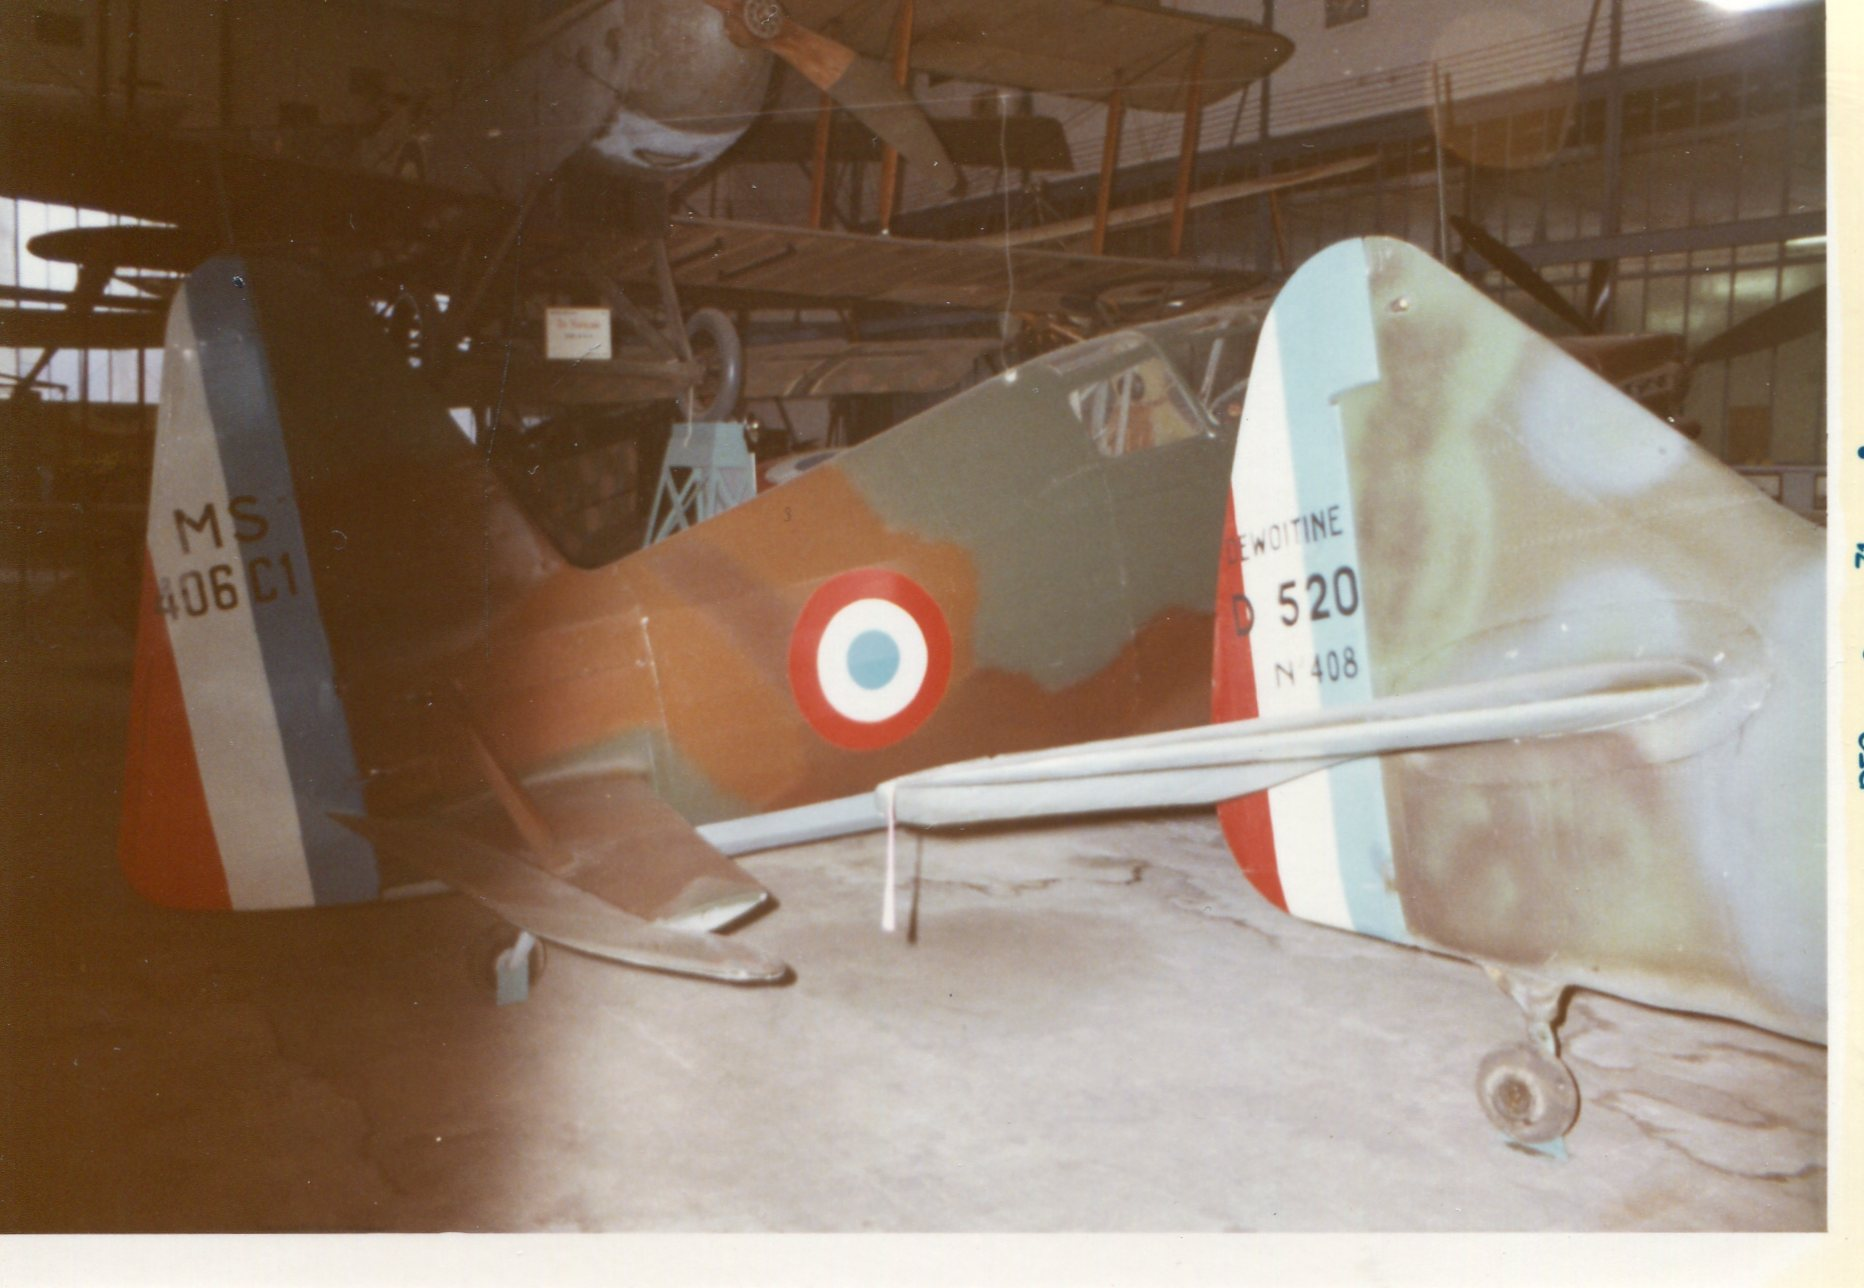 Naam: MS 406 Dewoitine - musee de l ' air - Parijs. (3)+.jpg Bekeken: 117 Grootte: 235,8 KB